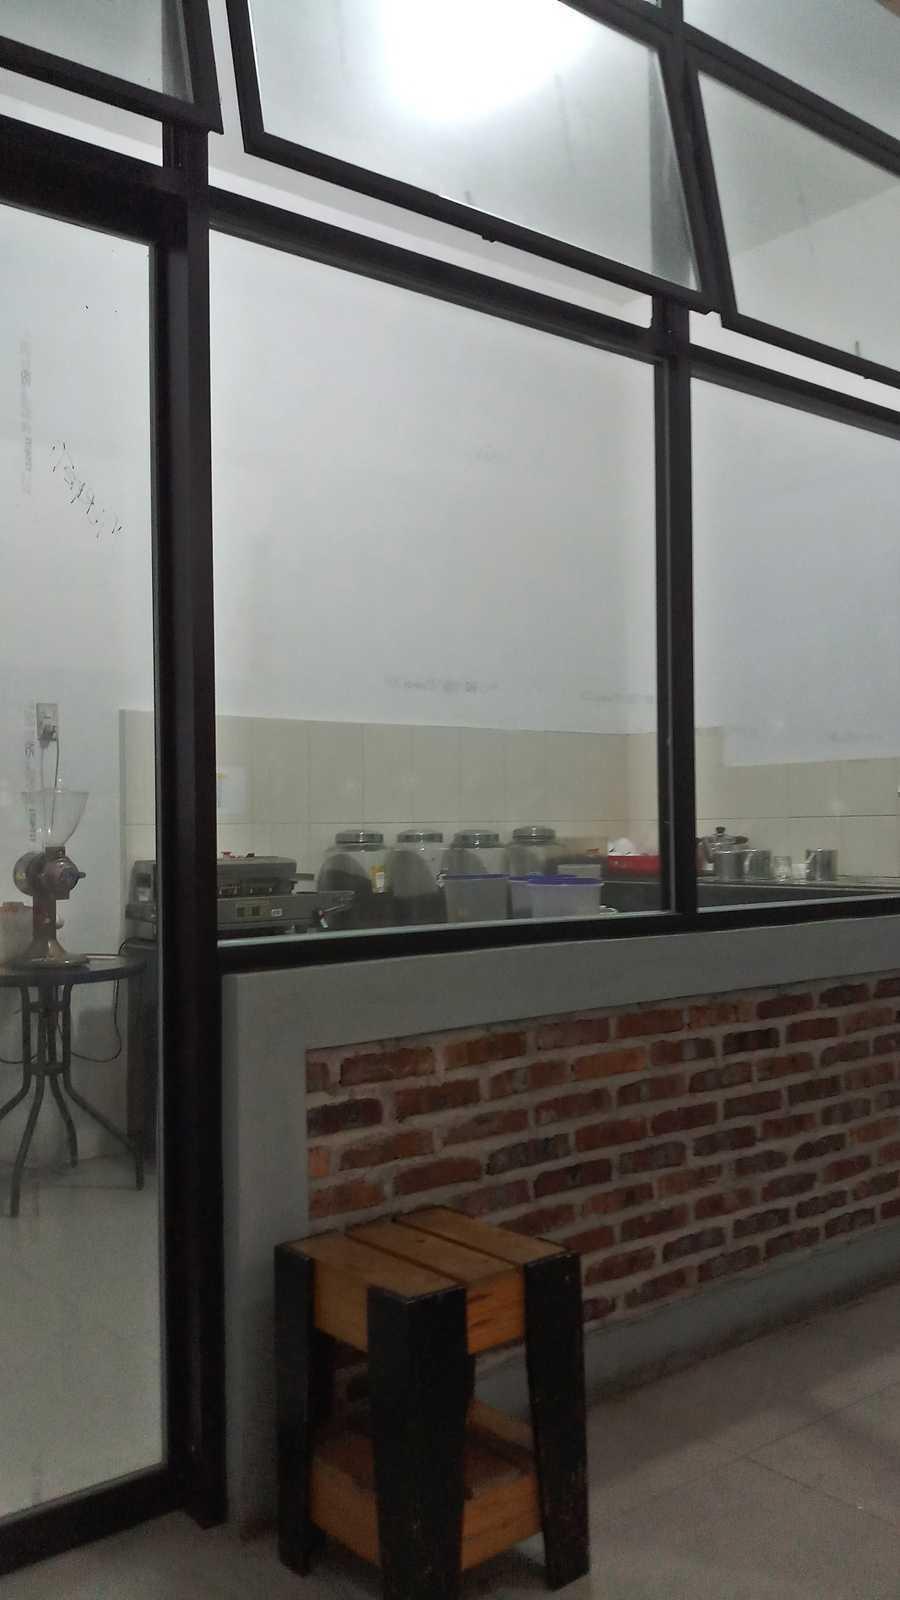 Bd Studio Coffee Lab By Kopitree Medan, Kota Medan, Sumatera Utara, Indonesia Medan, Kota Medan, Sumatera Utara, Indonesia Bd-Studio-Coffee-Lab-By-Kopitree   73807